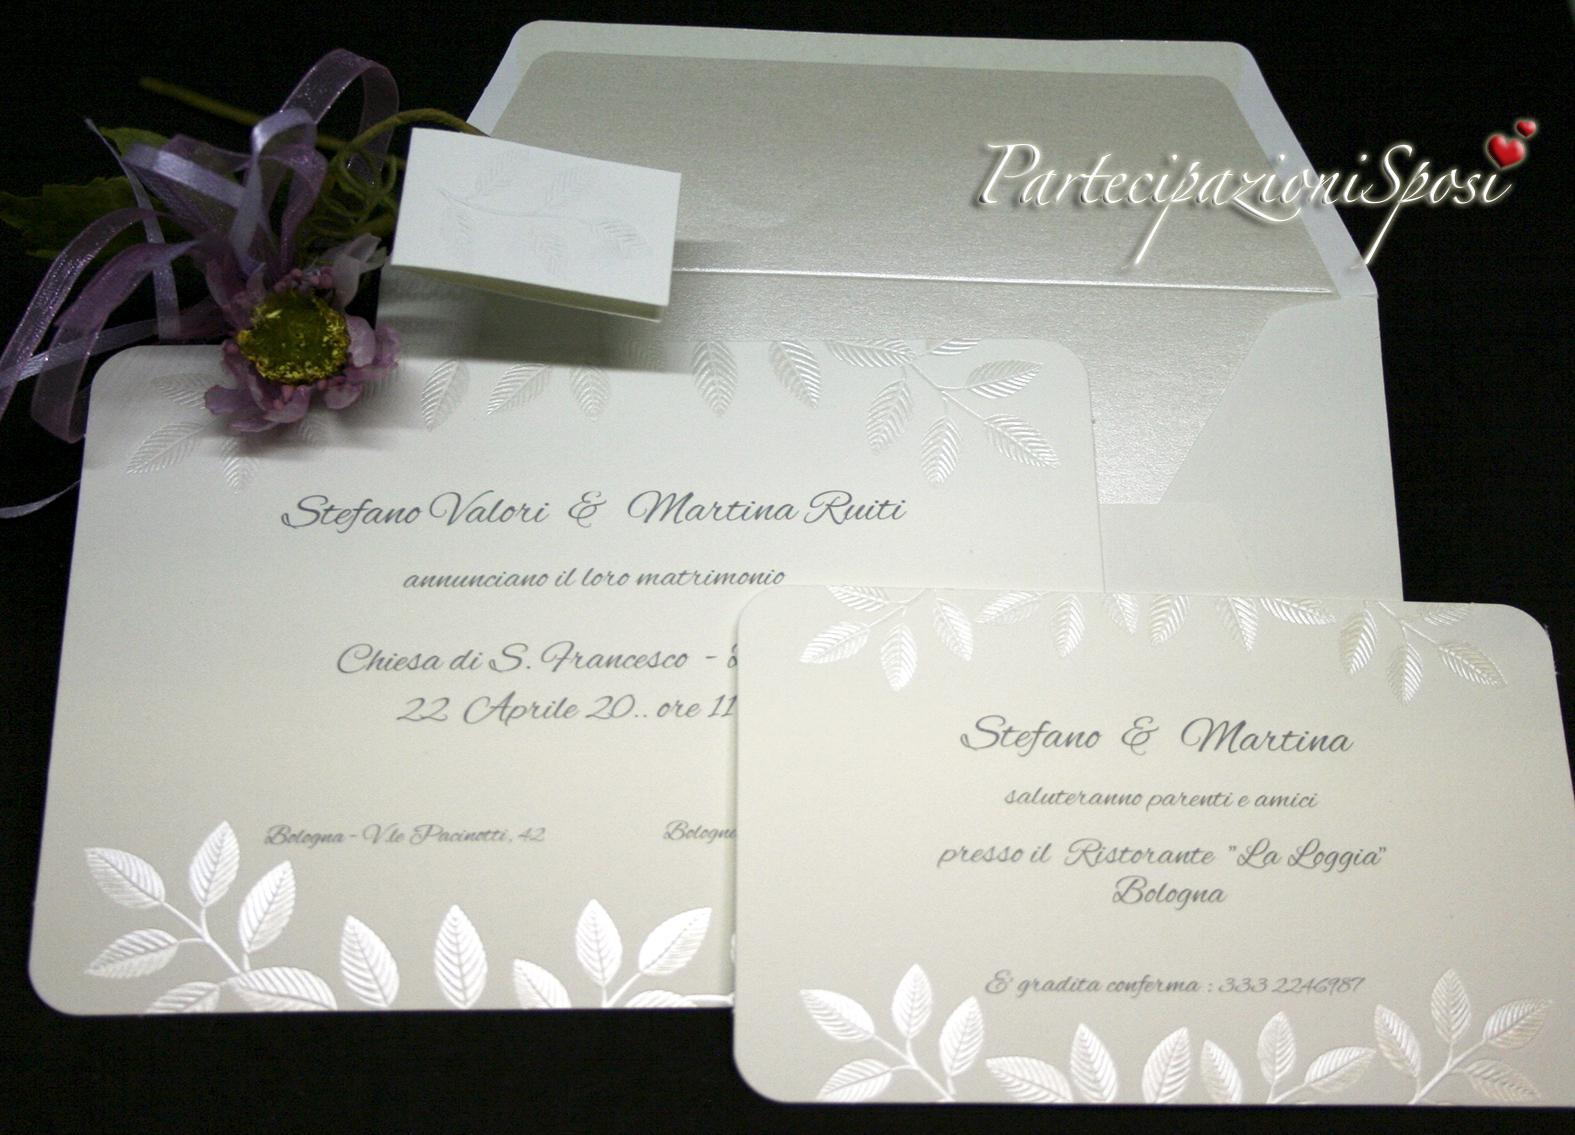 Stampa Partecipazioni Matrimonio.Art 093 Partecipazioni Sposi Stampa Partecipazioni Matrimonio